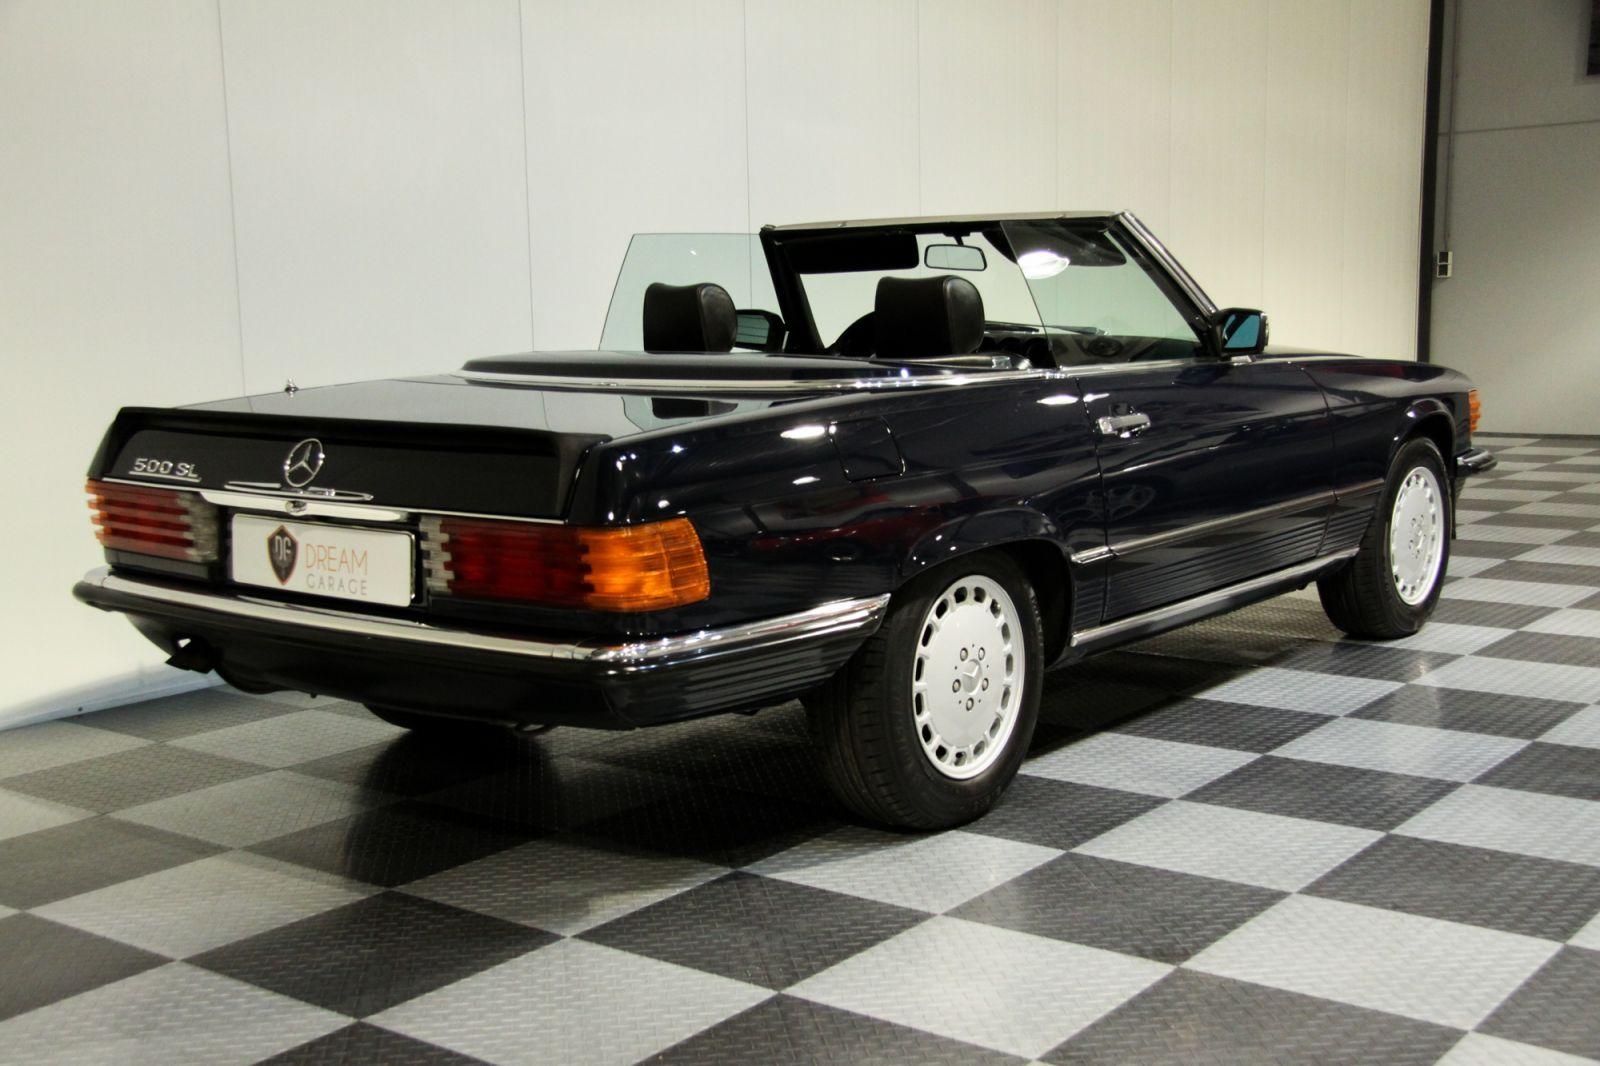 Dream garage verkauftmercedes mercedes benz 500 sl - Garage mercedes montargis ...